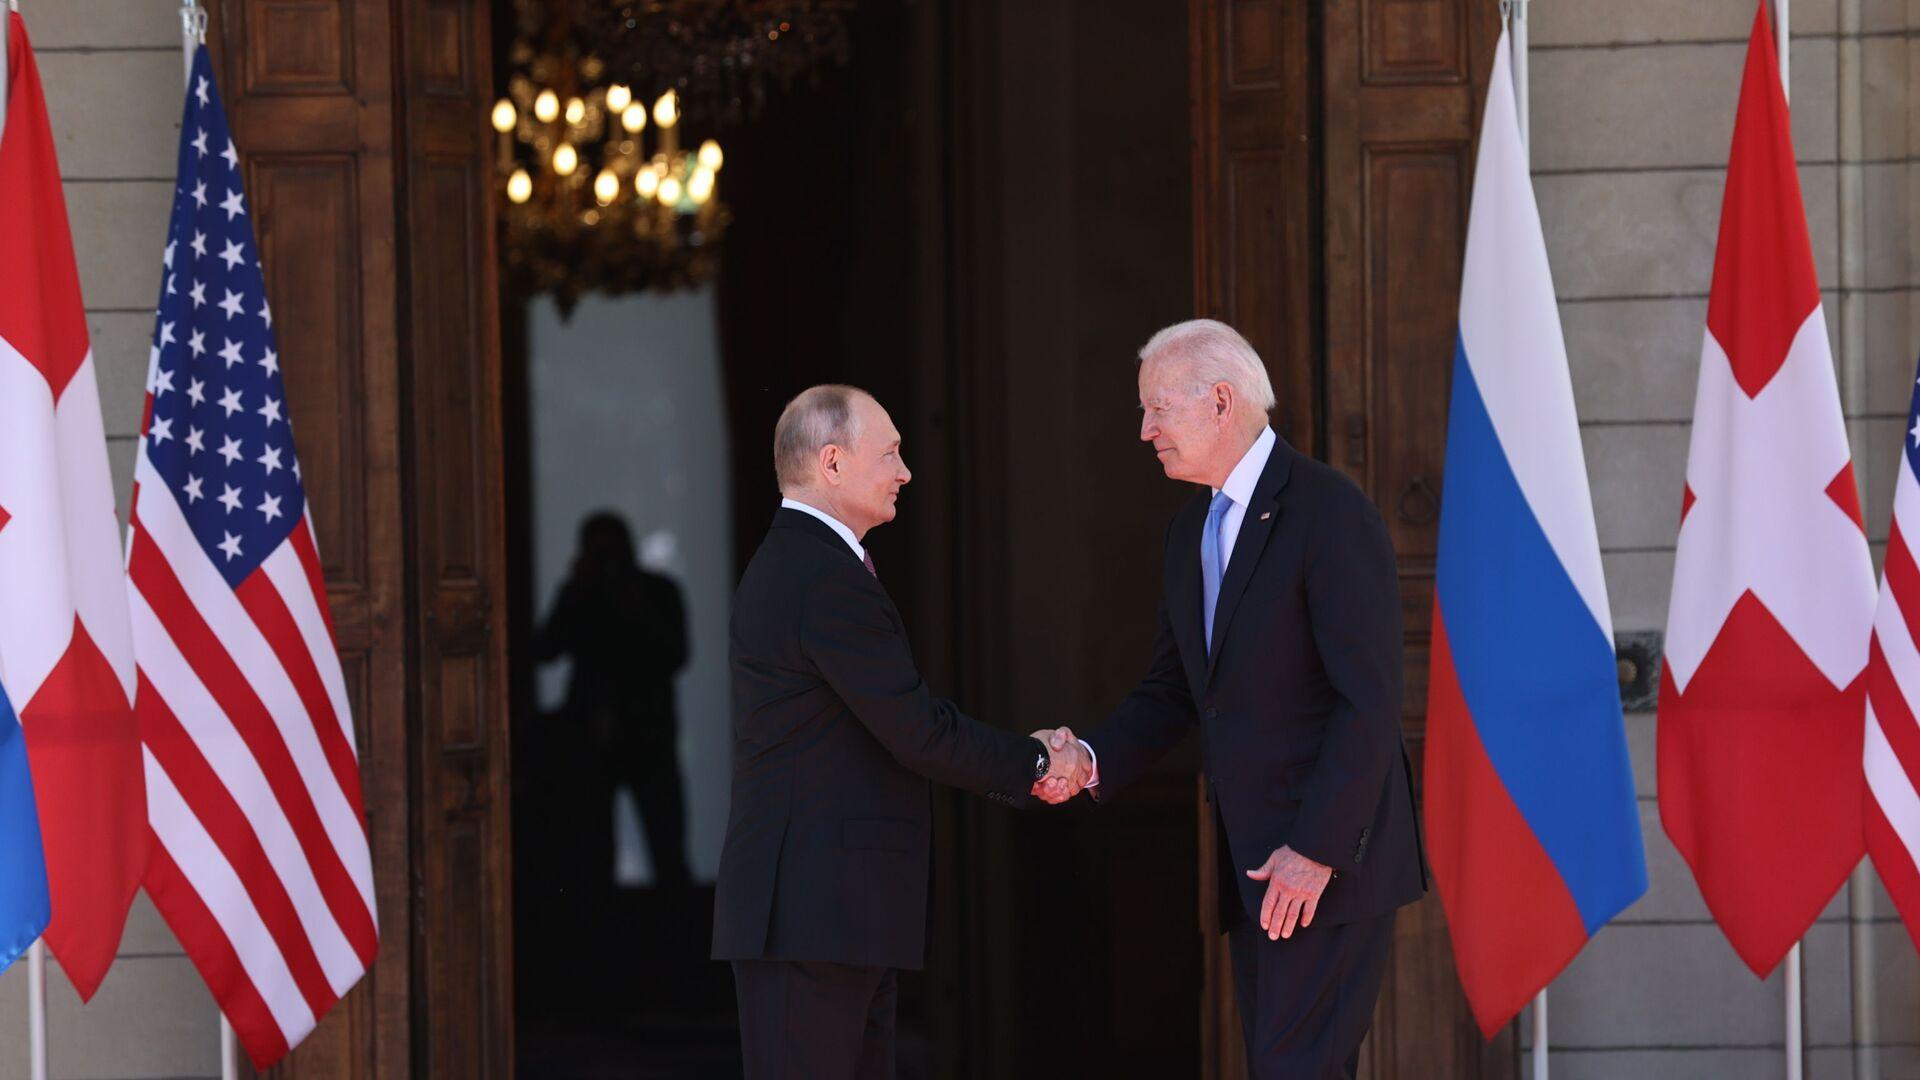 Prezidenti Putin a Biden před vchodem do vily v Ženevě - Sputnik Česká republika, 1920, 29.06.2021